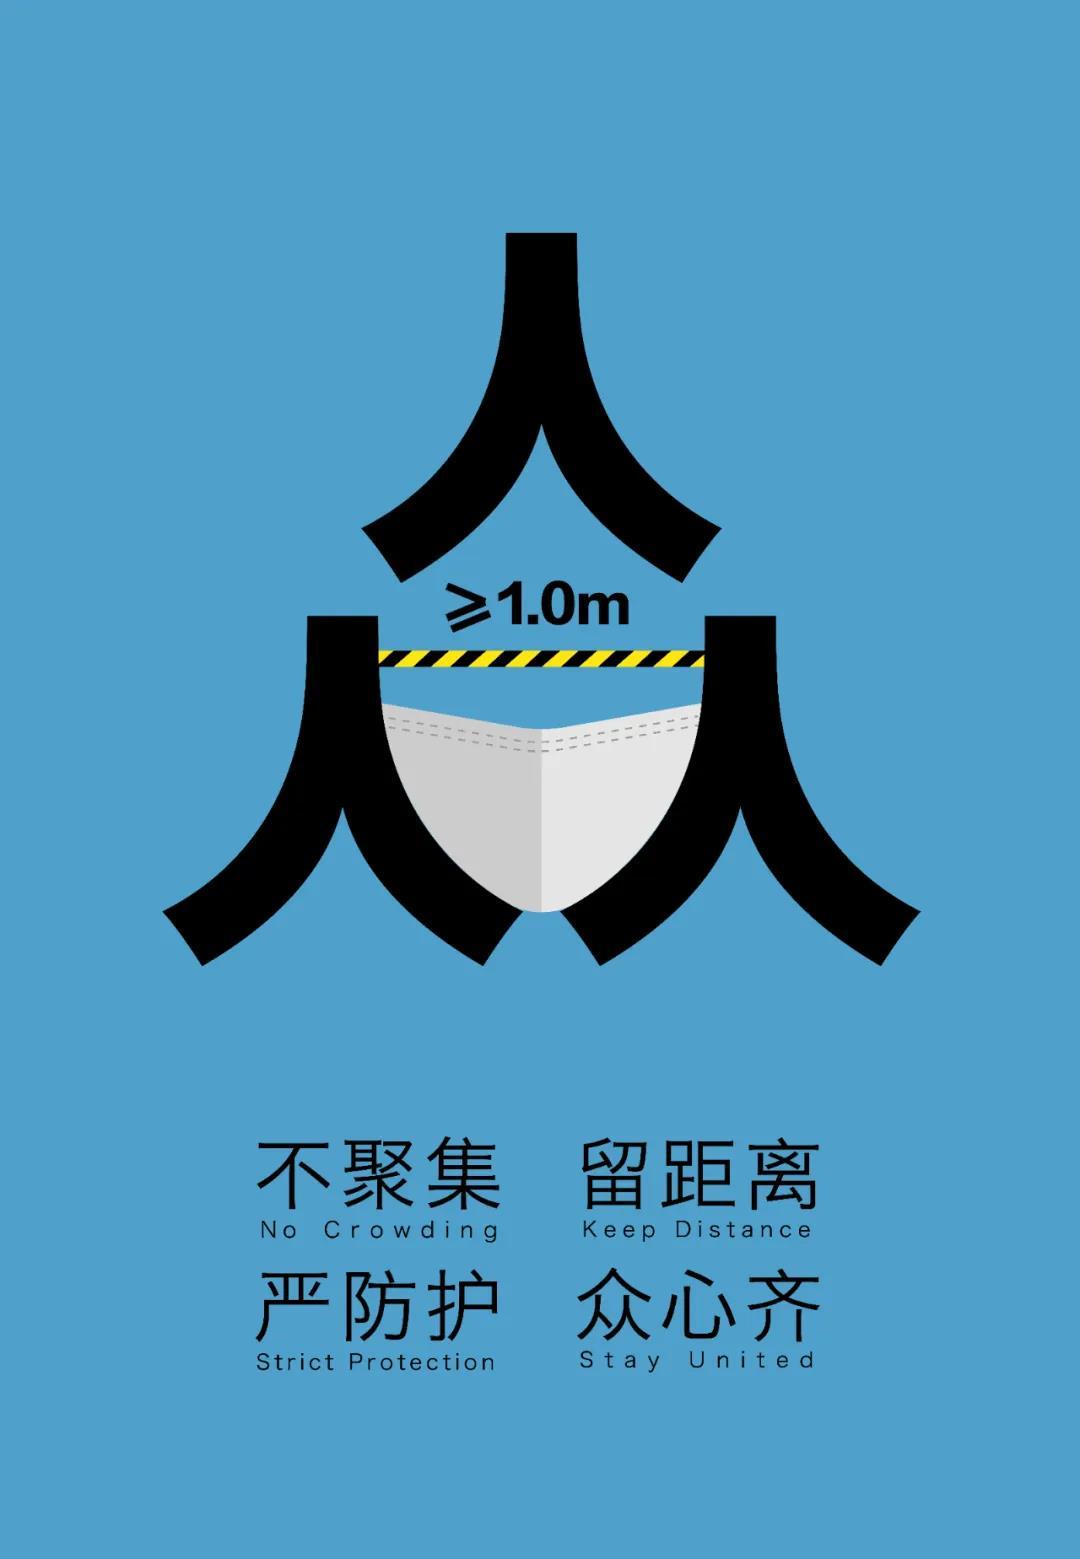 广美抗议展览 | 艺齐战疫—广州美术学院抗疫主题作品